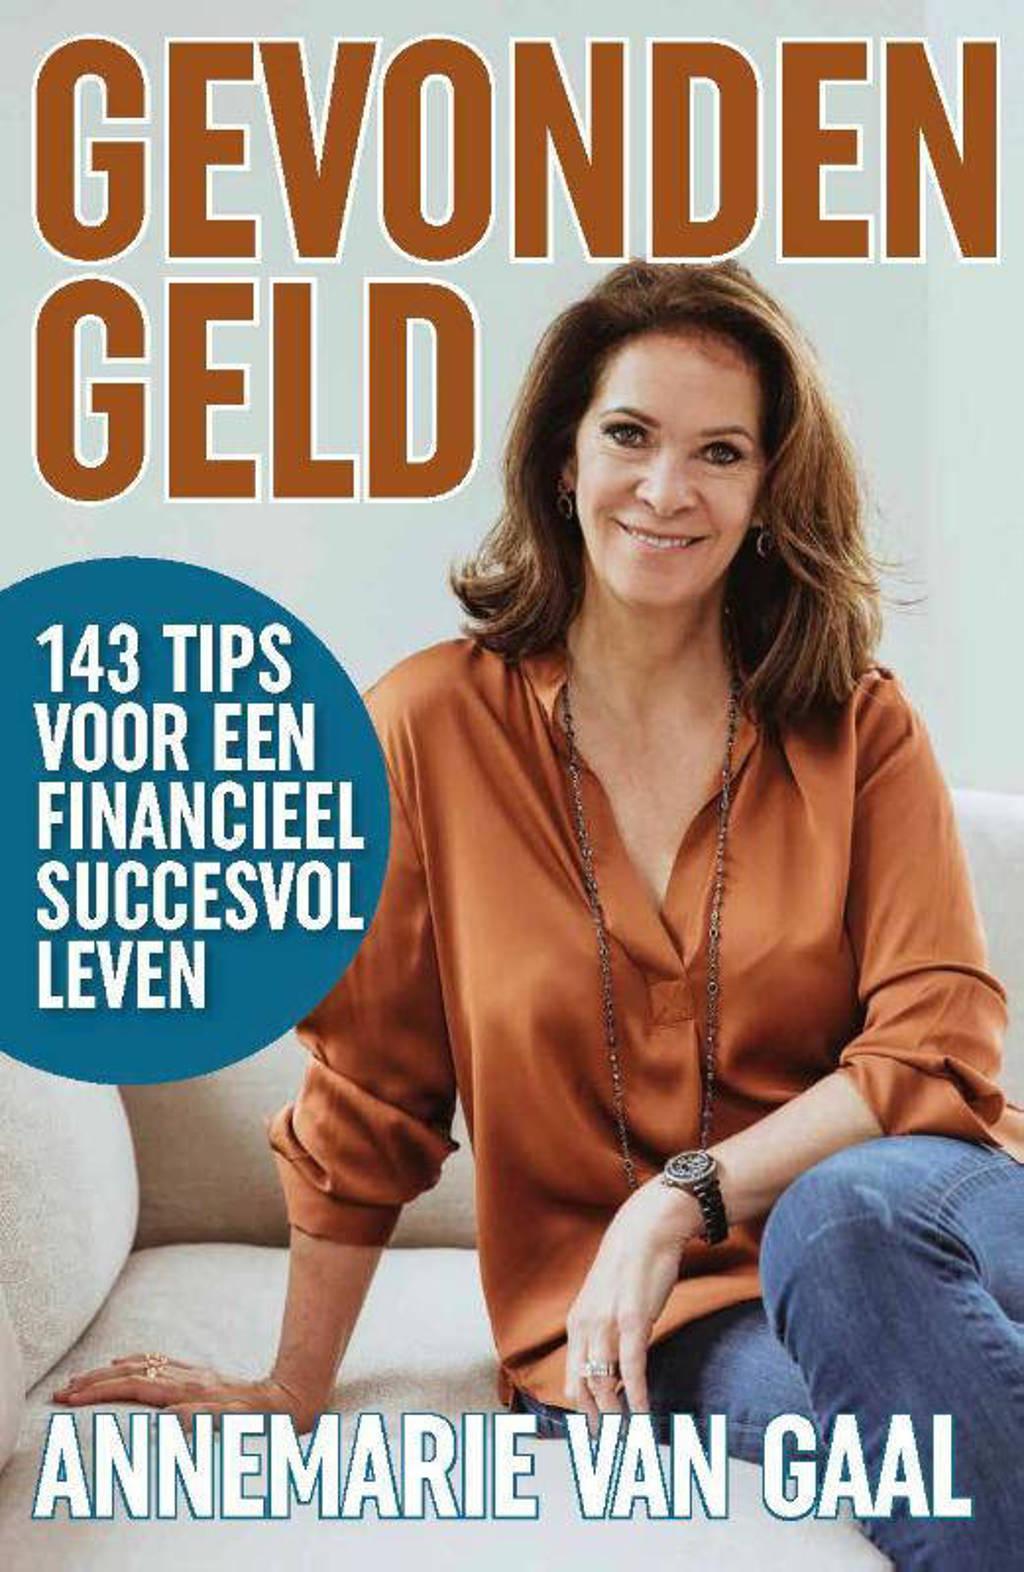 Gevonden geld - Annemarie van Gaal